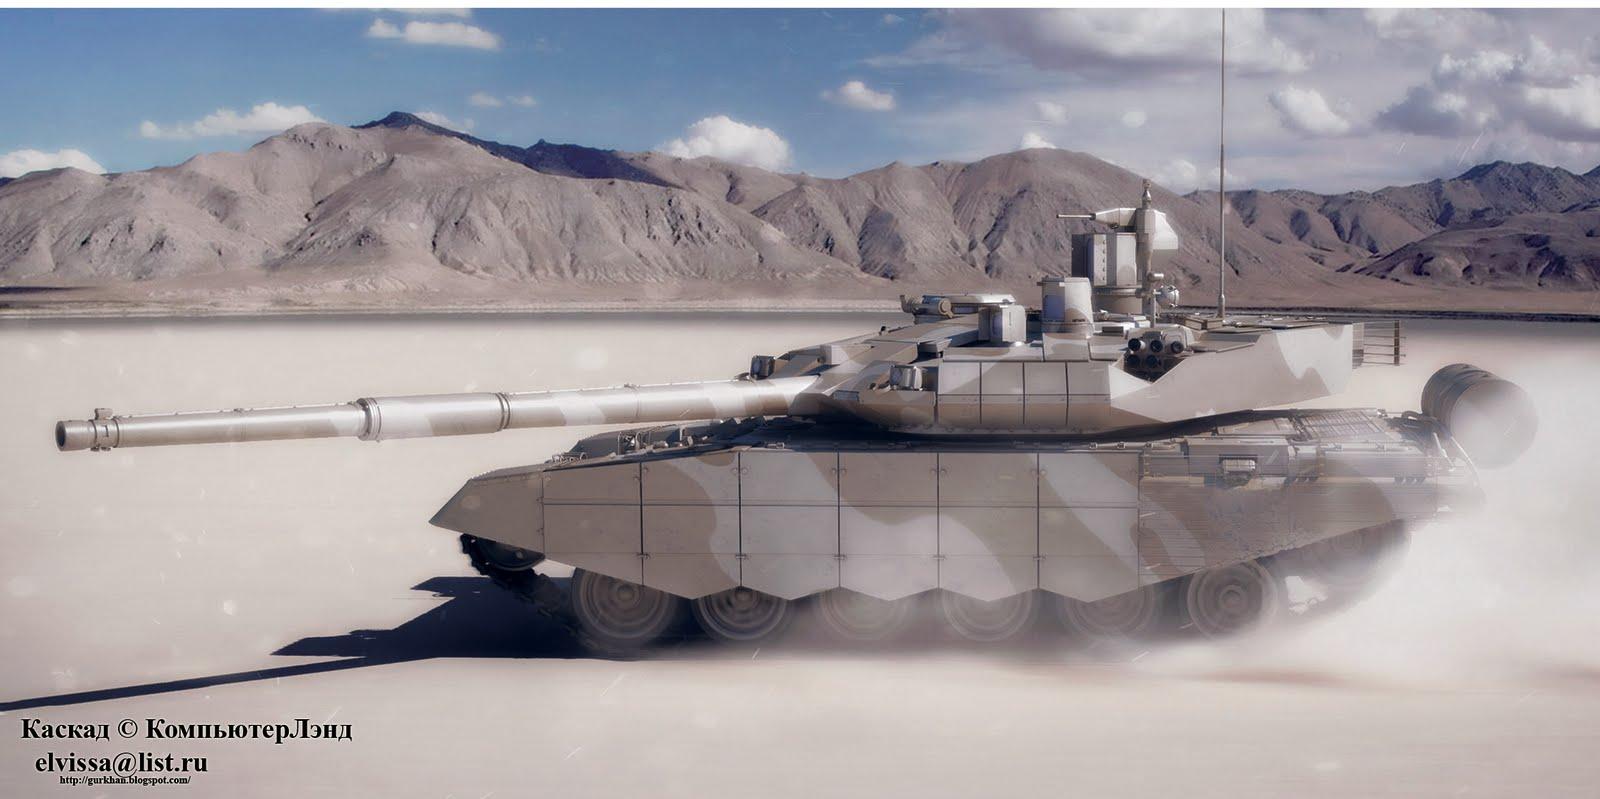 الجزائر توقع عقدا لشراء 300 دبابة  تي 90  والاحتمال انها  نوع T90MS - صفحة 4 T-90MS_rus-15